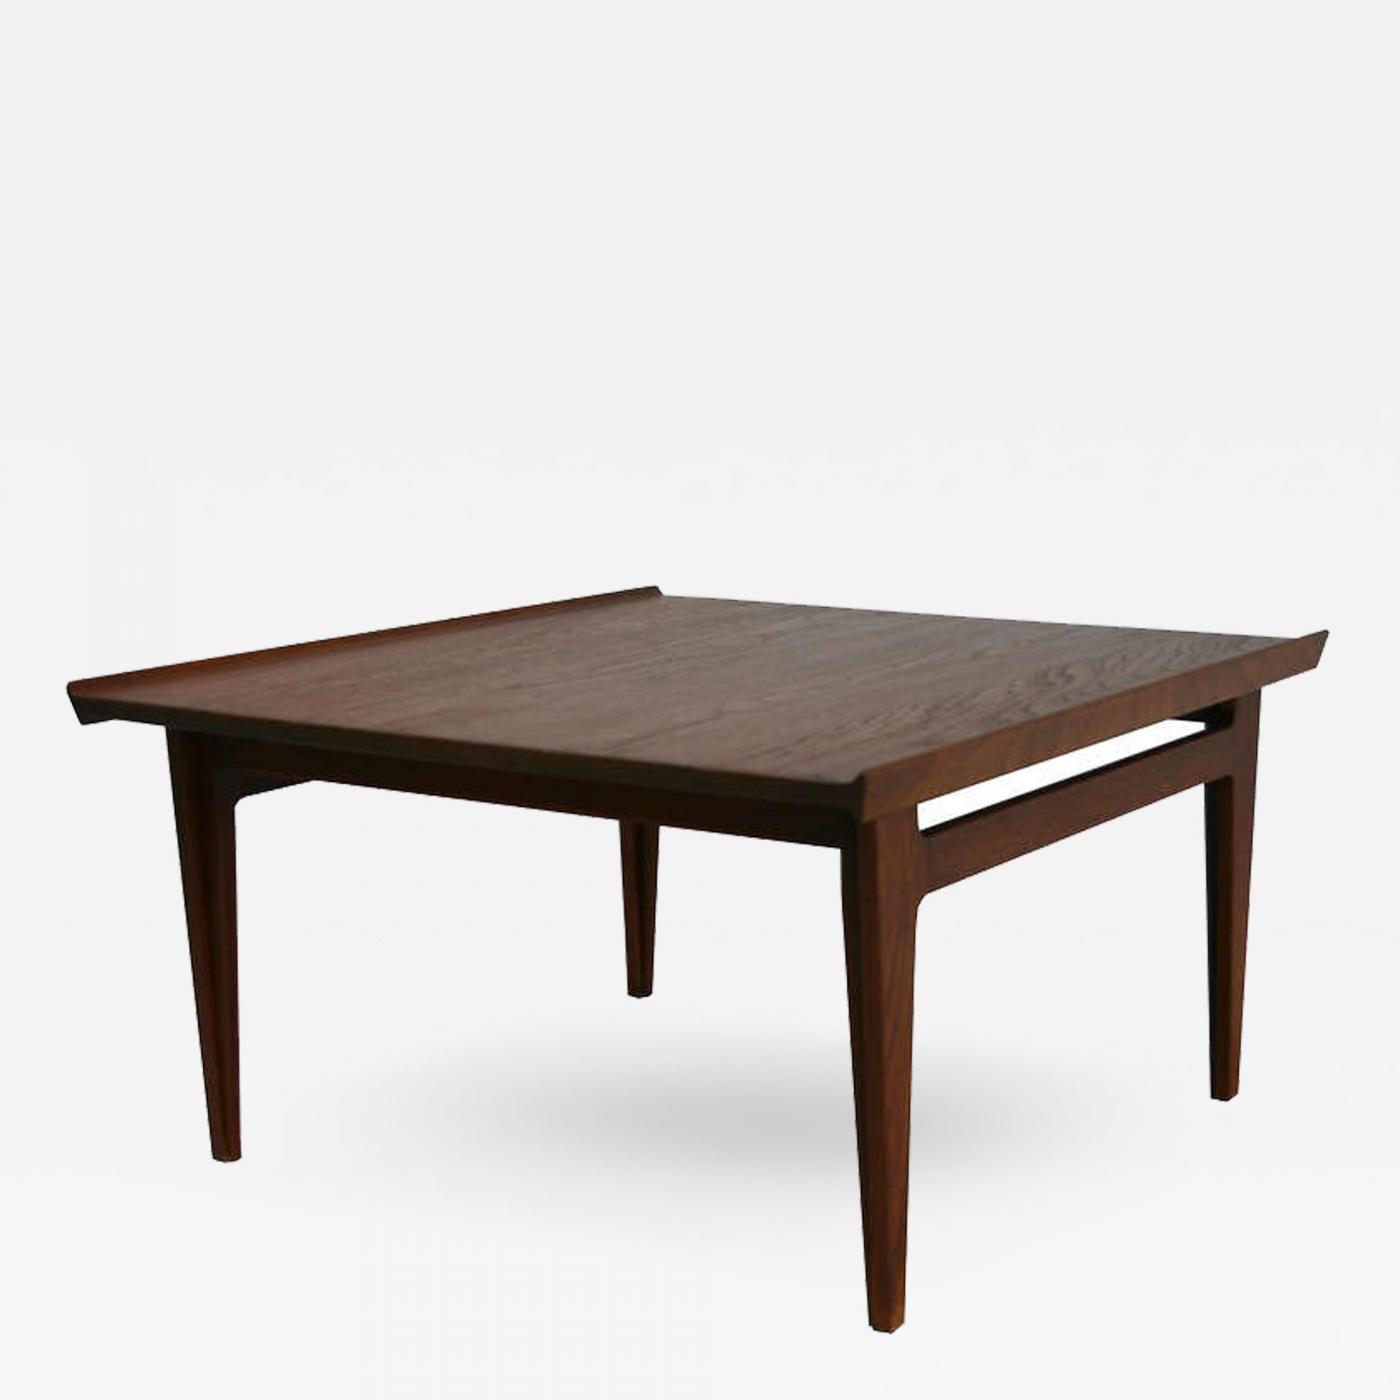 Jens risom jens risom coffee table listings furniture tables coffee tables jens risom geotapseo Choice Image